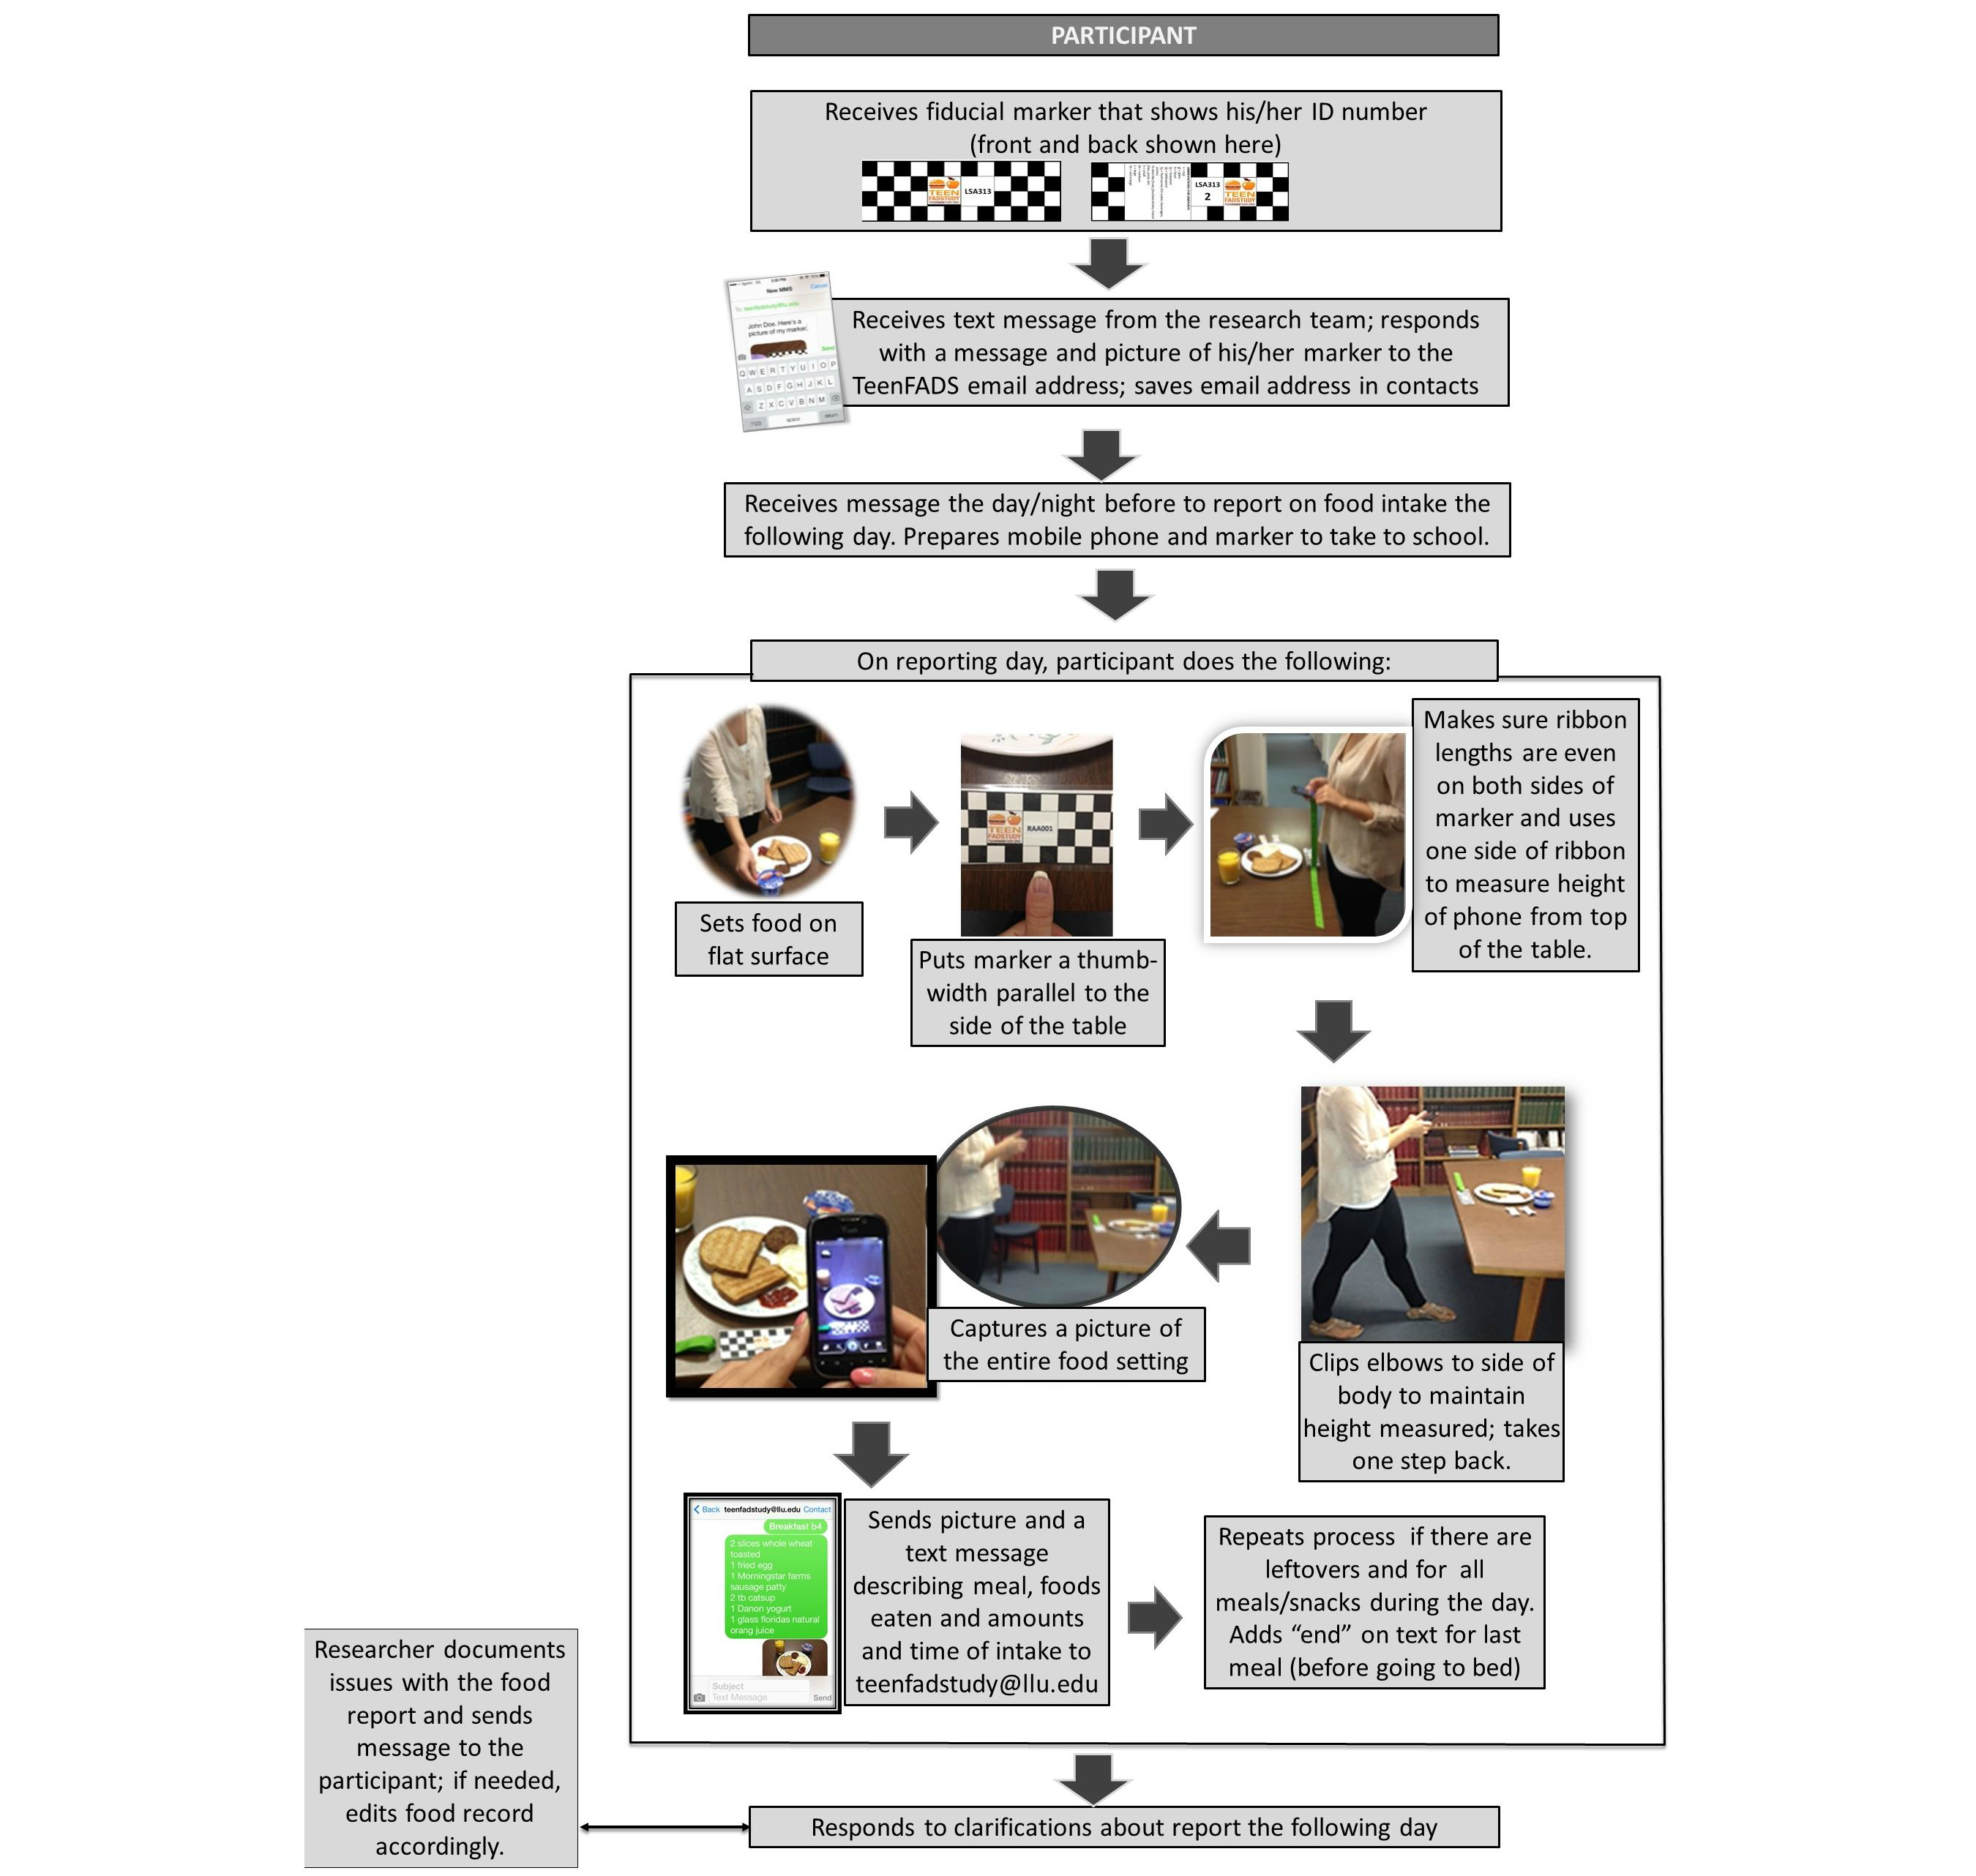 JMU - Using Personal Mobile Phones to Assess Dietary Intake